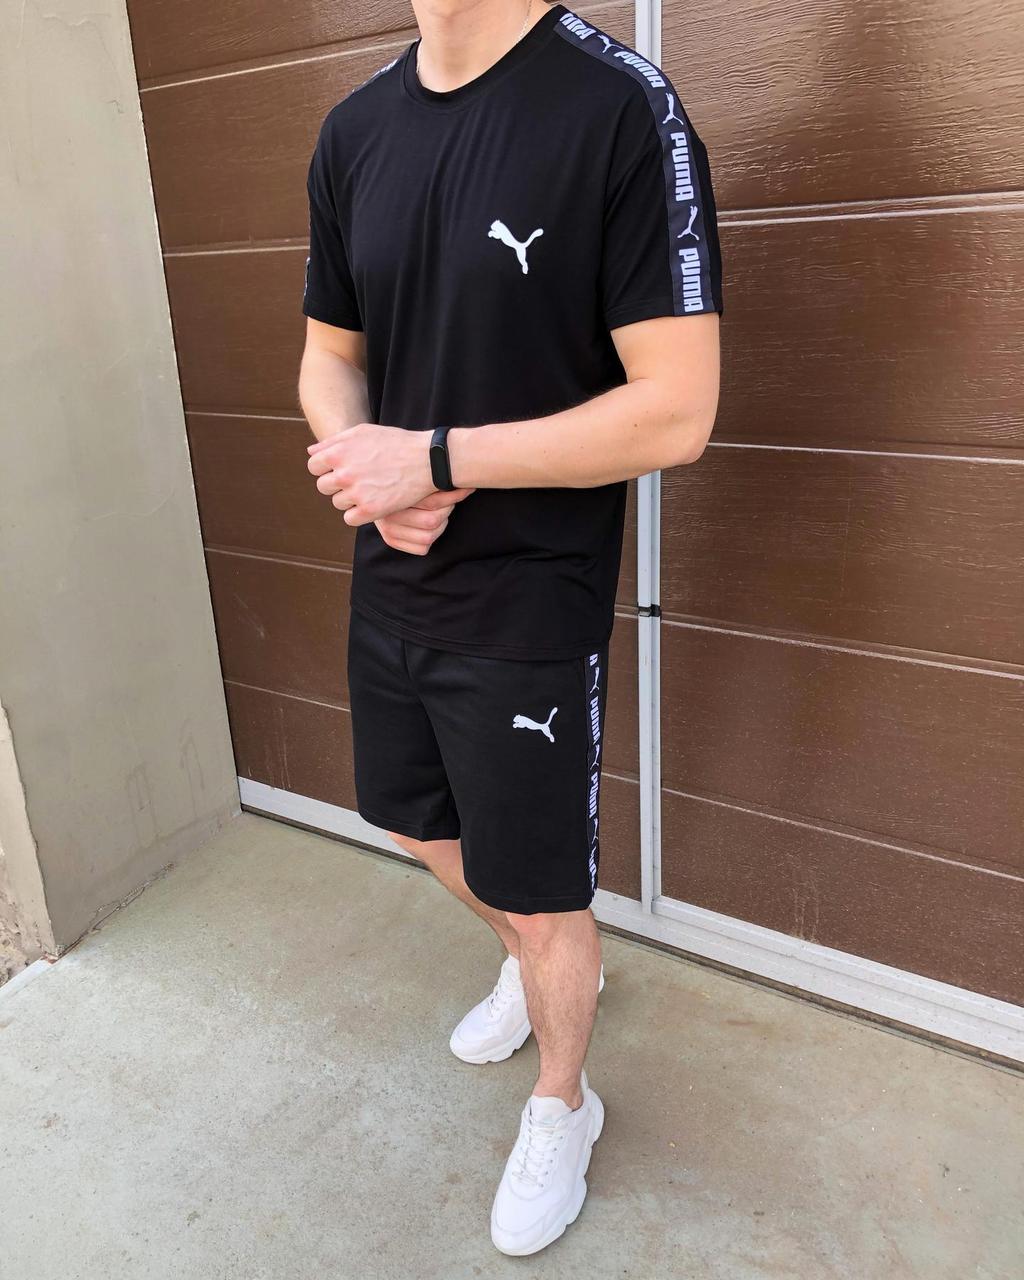 Літня футболка + шорти Літній чоловічий комплект Puma Літній Спортивний костюм Пума з чорного кольору